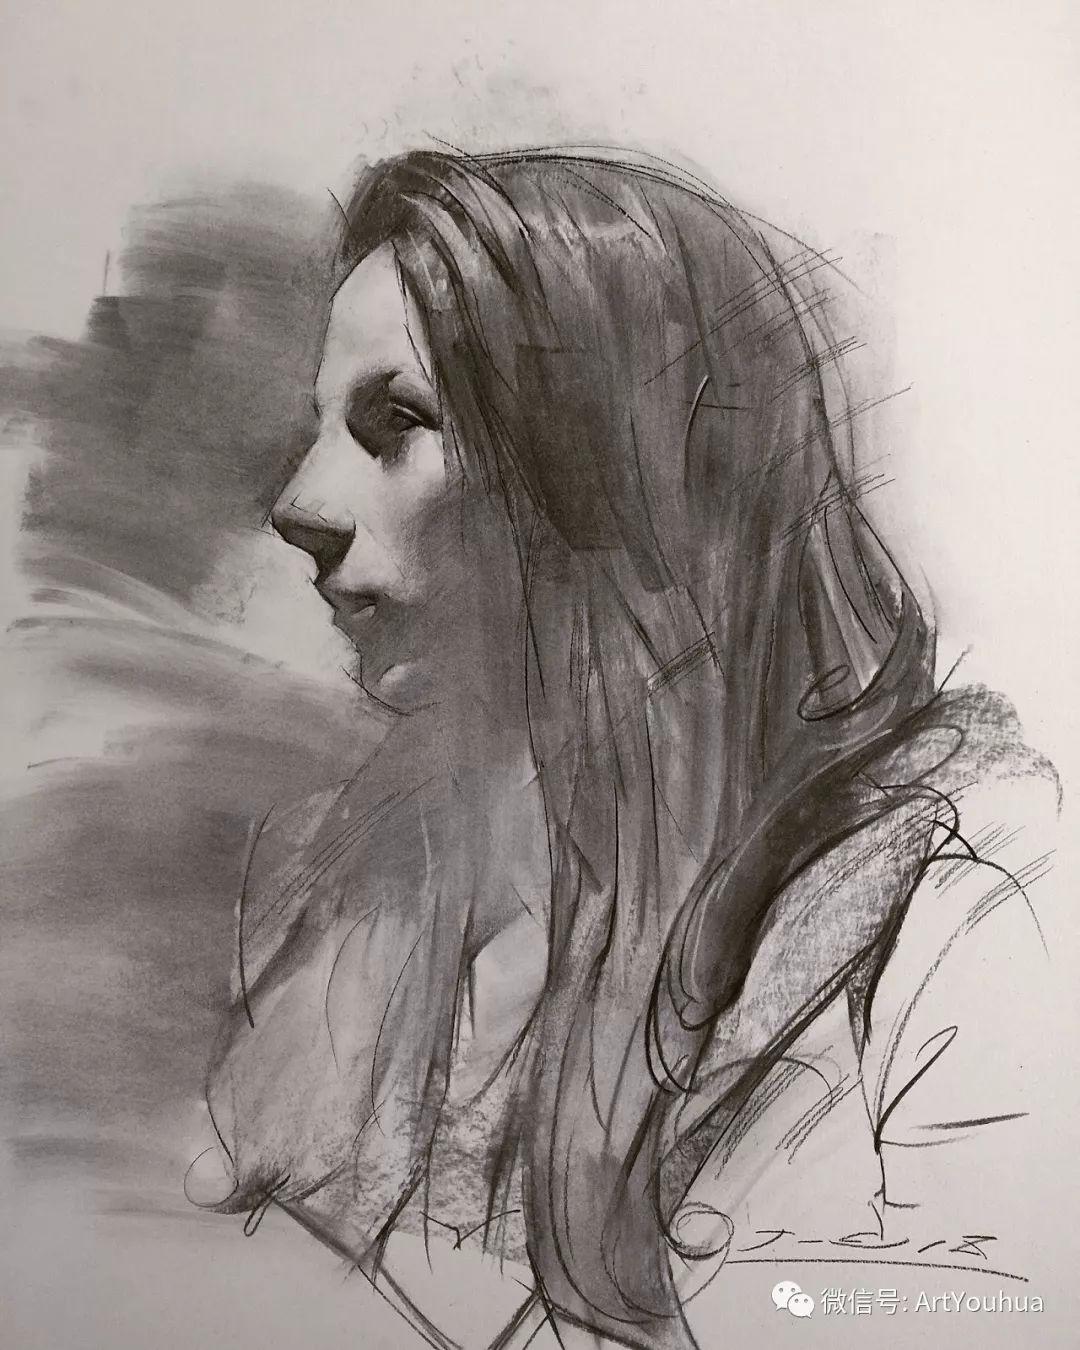 他的人物肖像绘画独具一格 还是位80后画家插图81